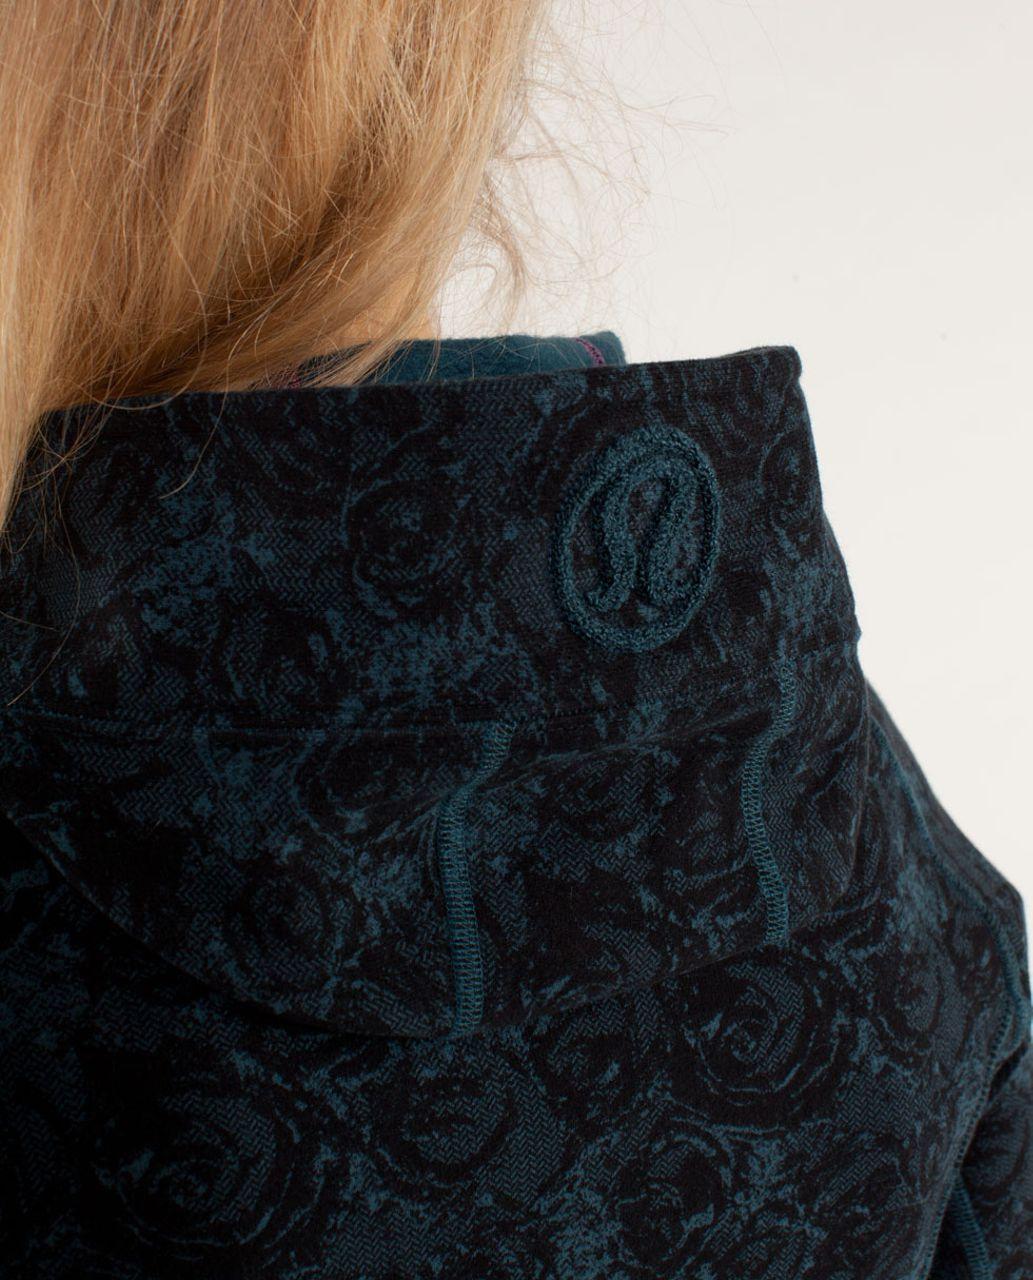 Lululemon Scuba Hoodie *Stretch - Rose Herringbone Printed Alberta Lake Black